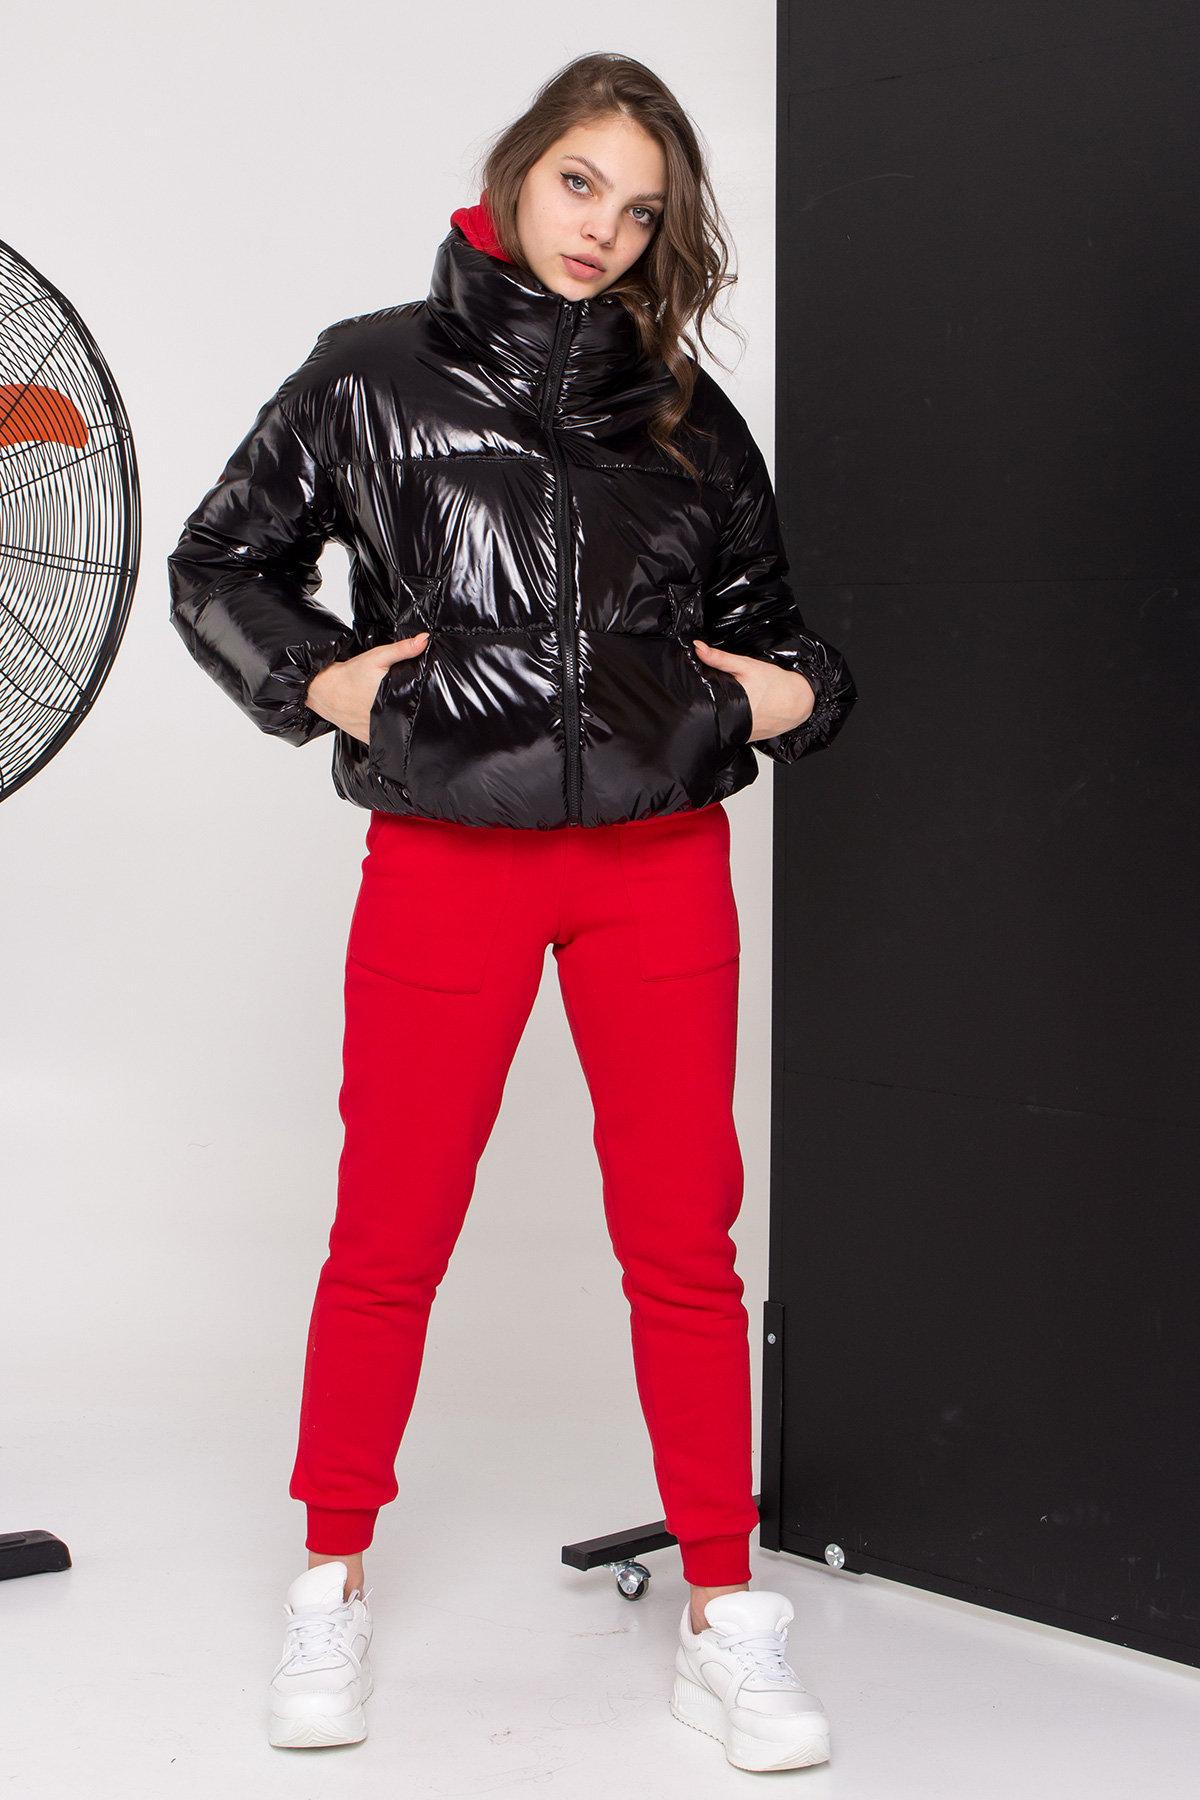 Куртка Драйв 8989 АРТ. 45299 Цвет: Черный - фото 6, интернет магазин tm-modus.ru